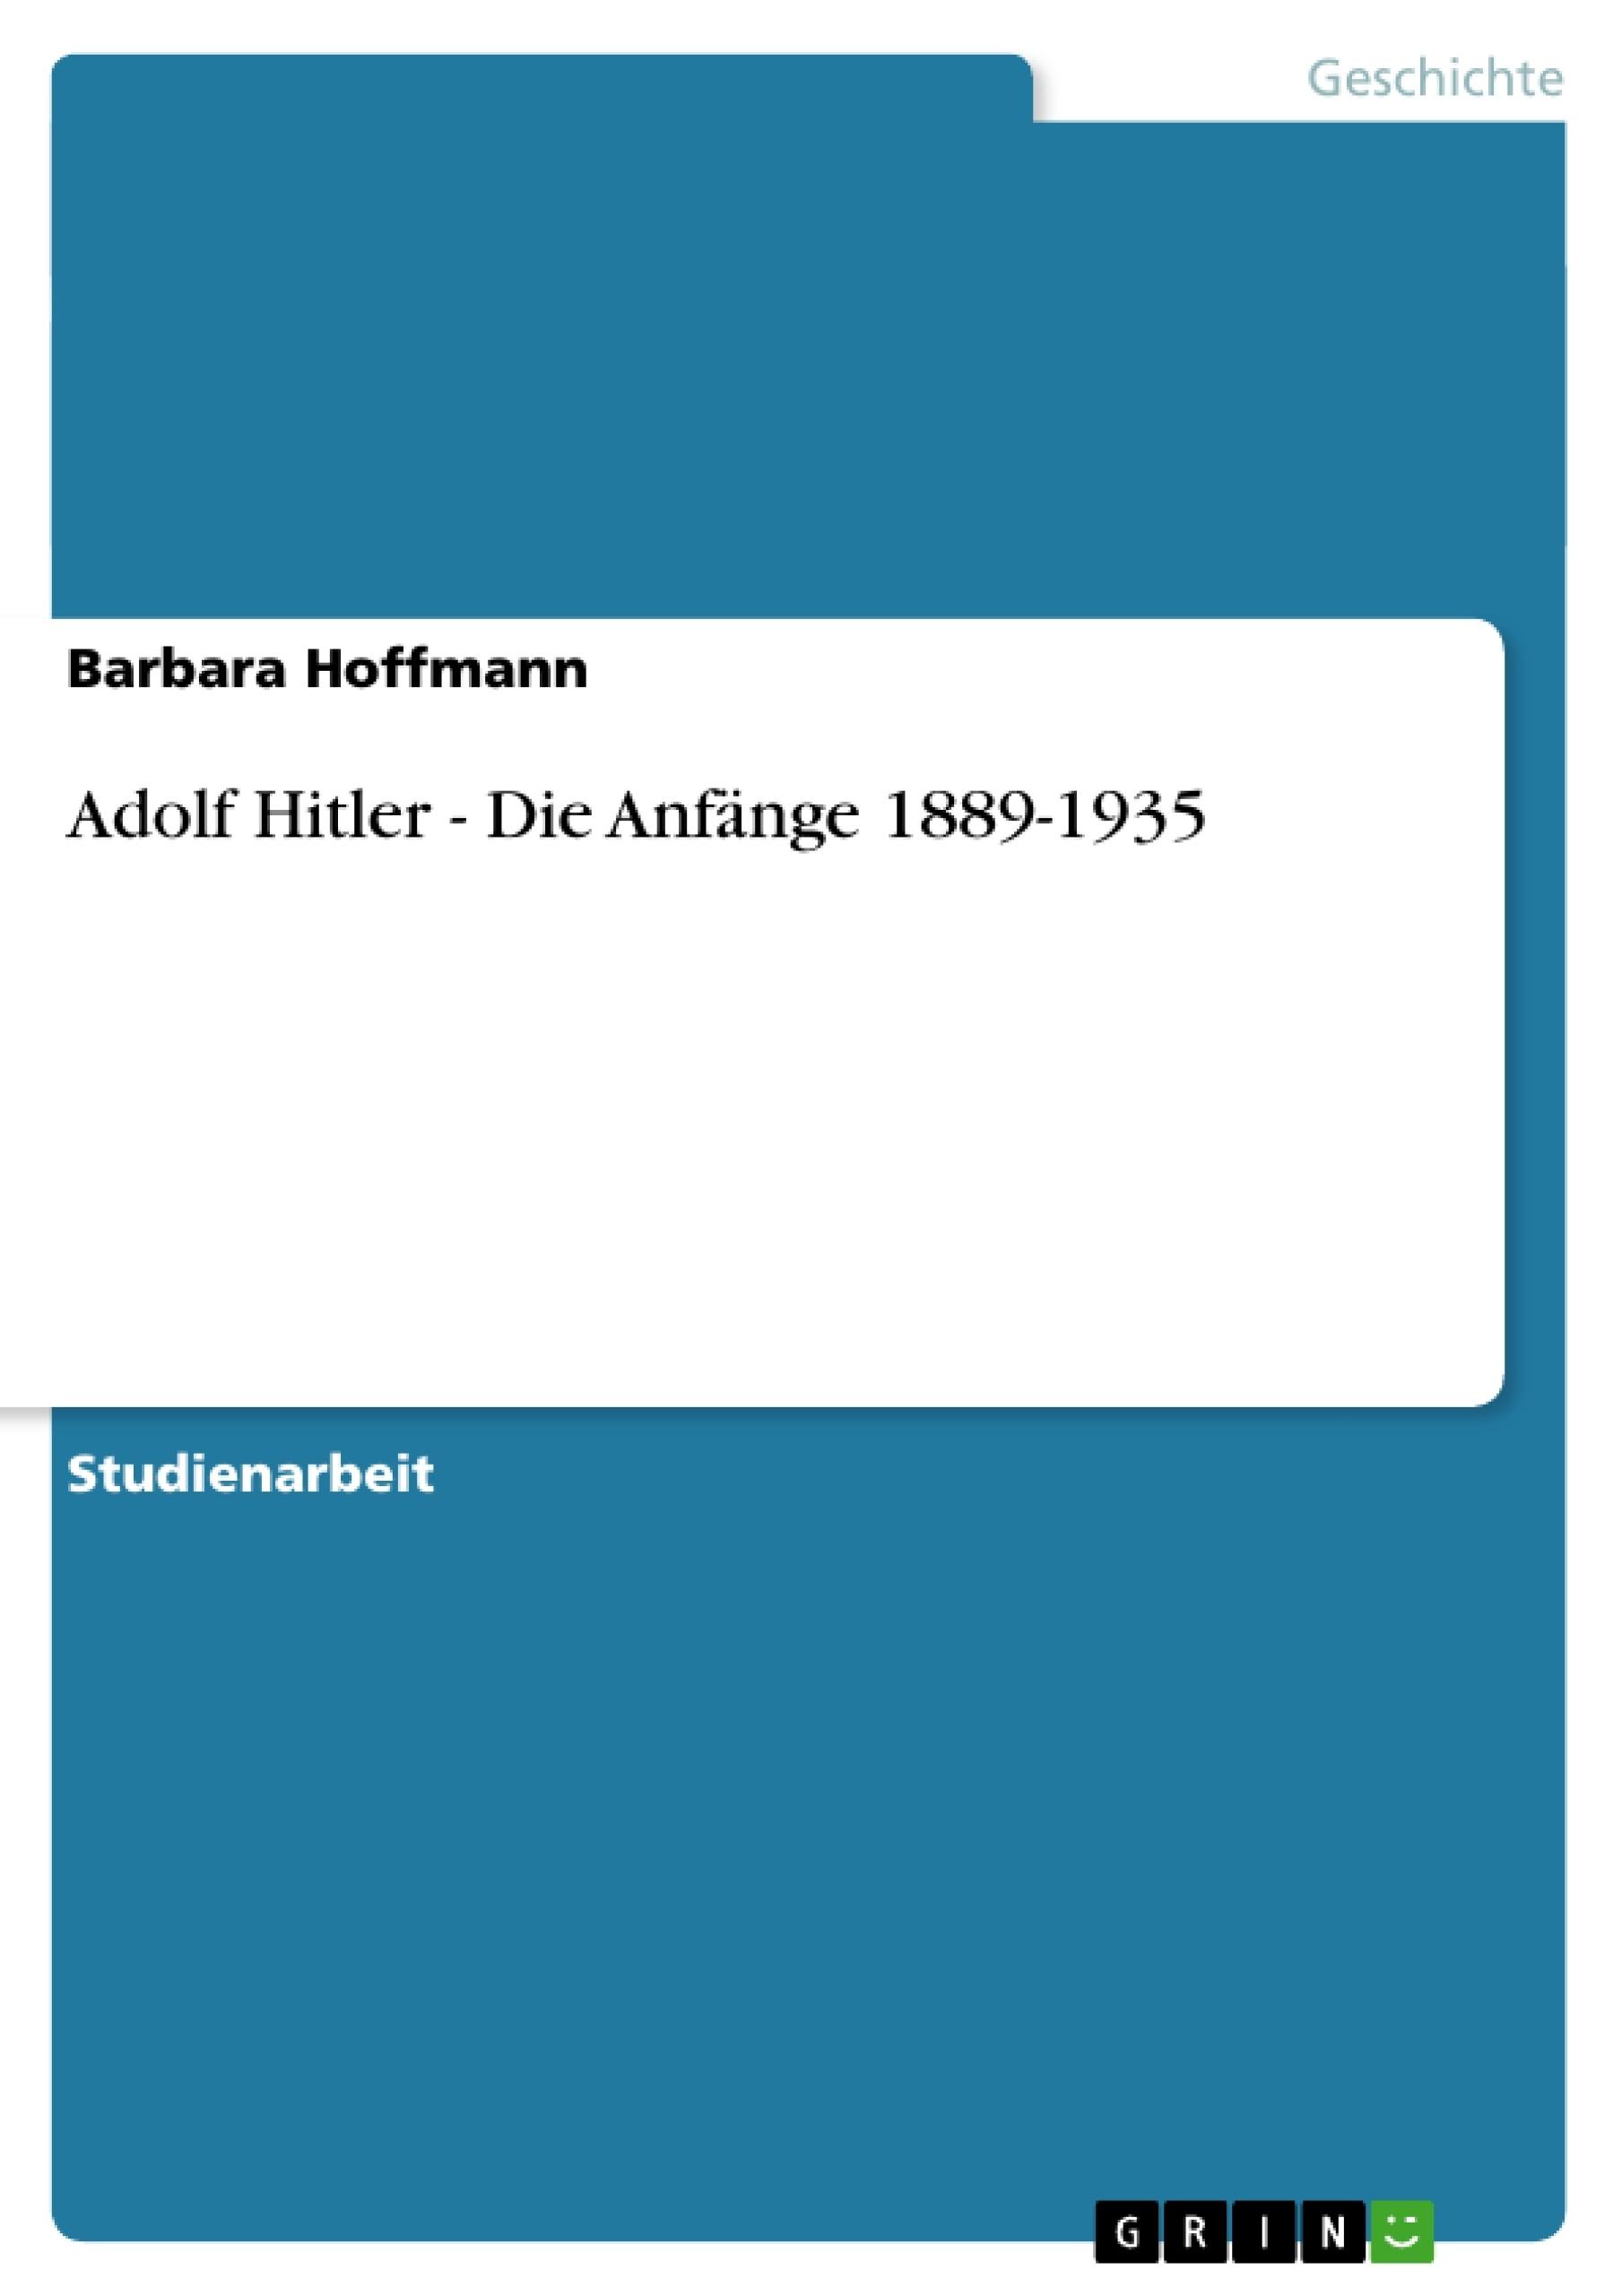 Titel: Adolf Hitler - Die Anfänge 1889-1935